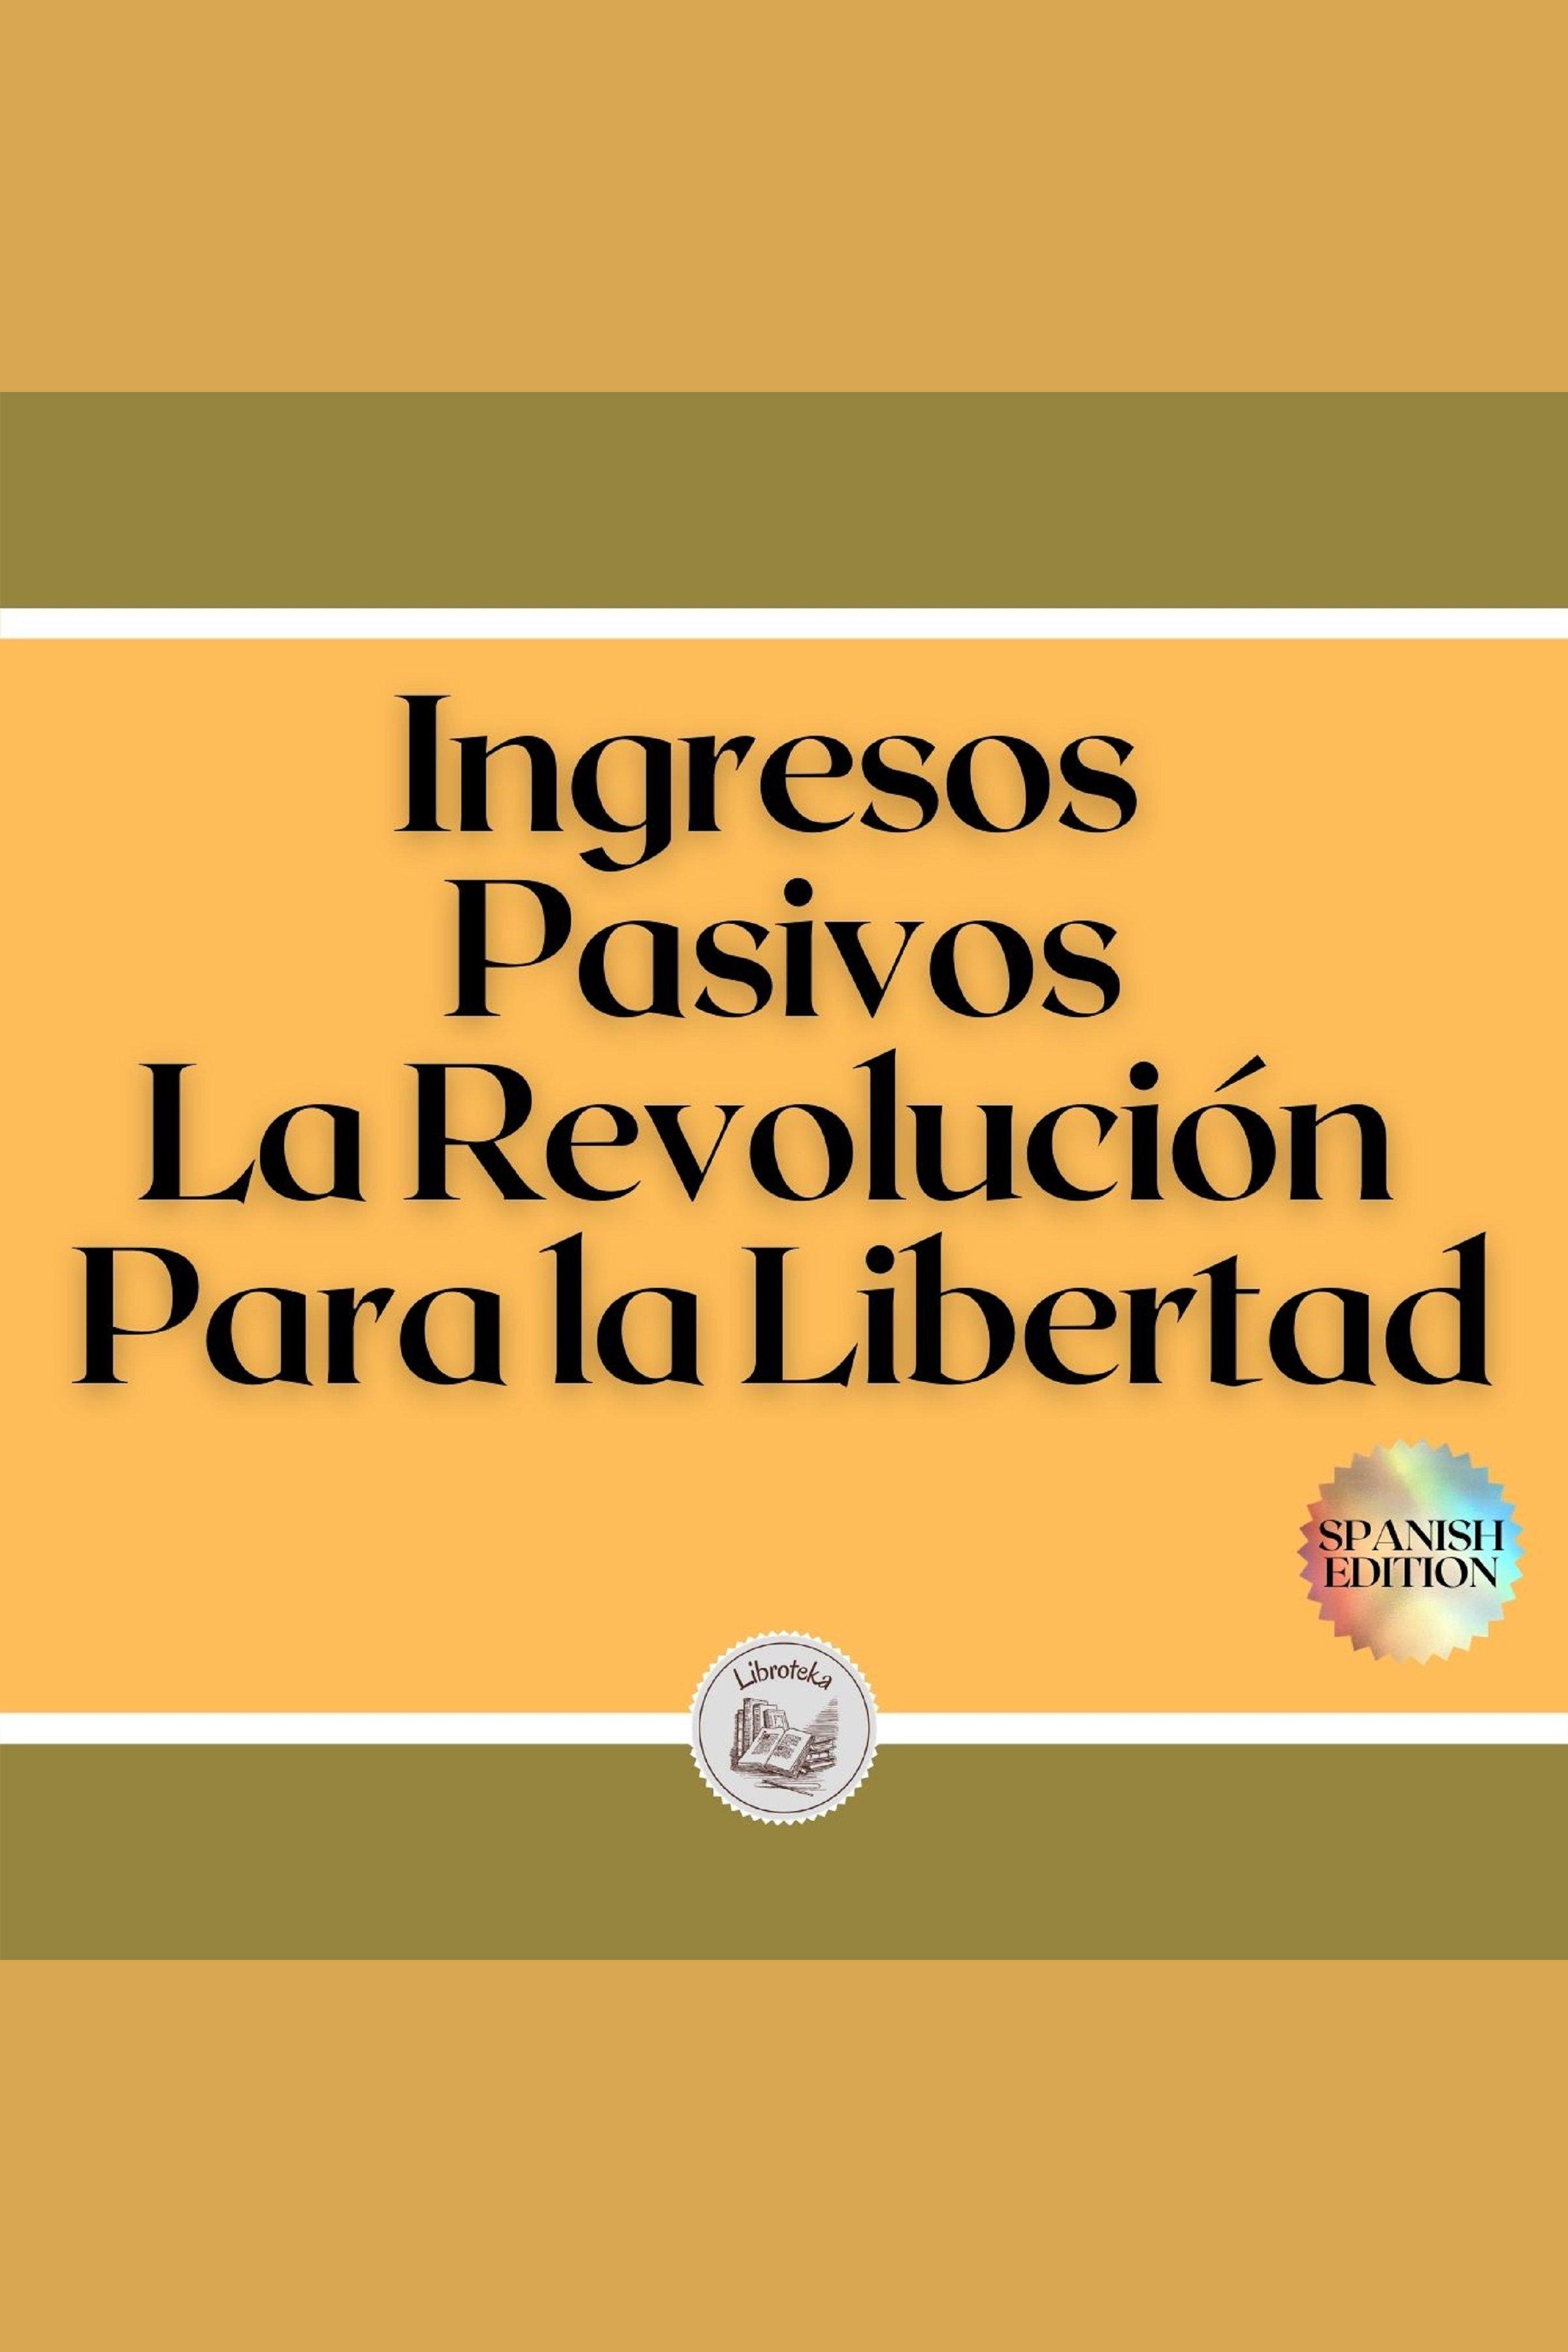 Esta es la portada del audiolibro Ingresos Pasivos: La Revolución Para la Libertad